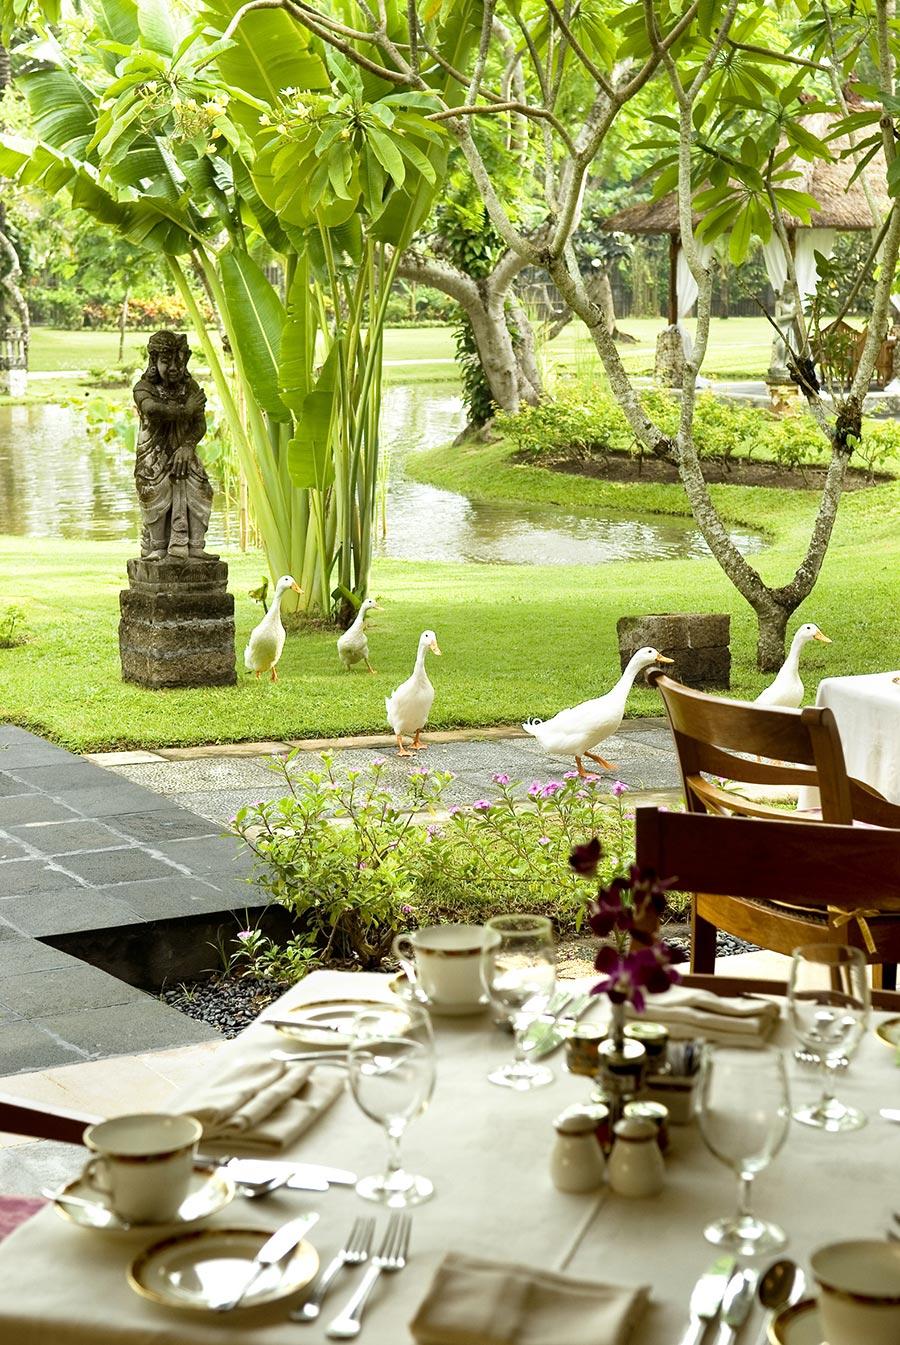 Palace-Lounge-Table-Set-Up